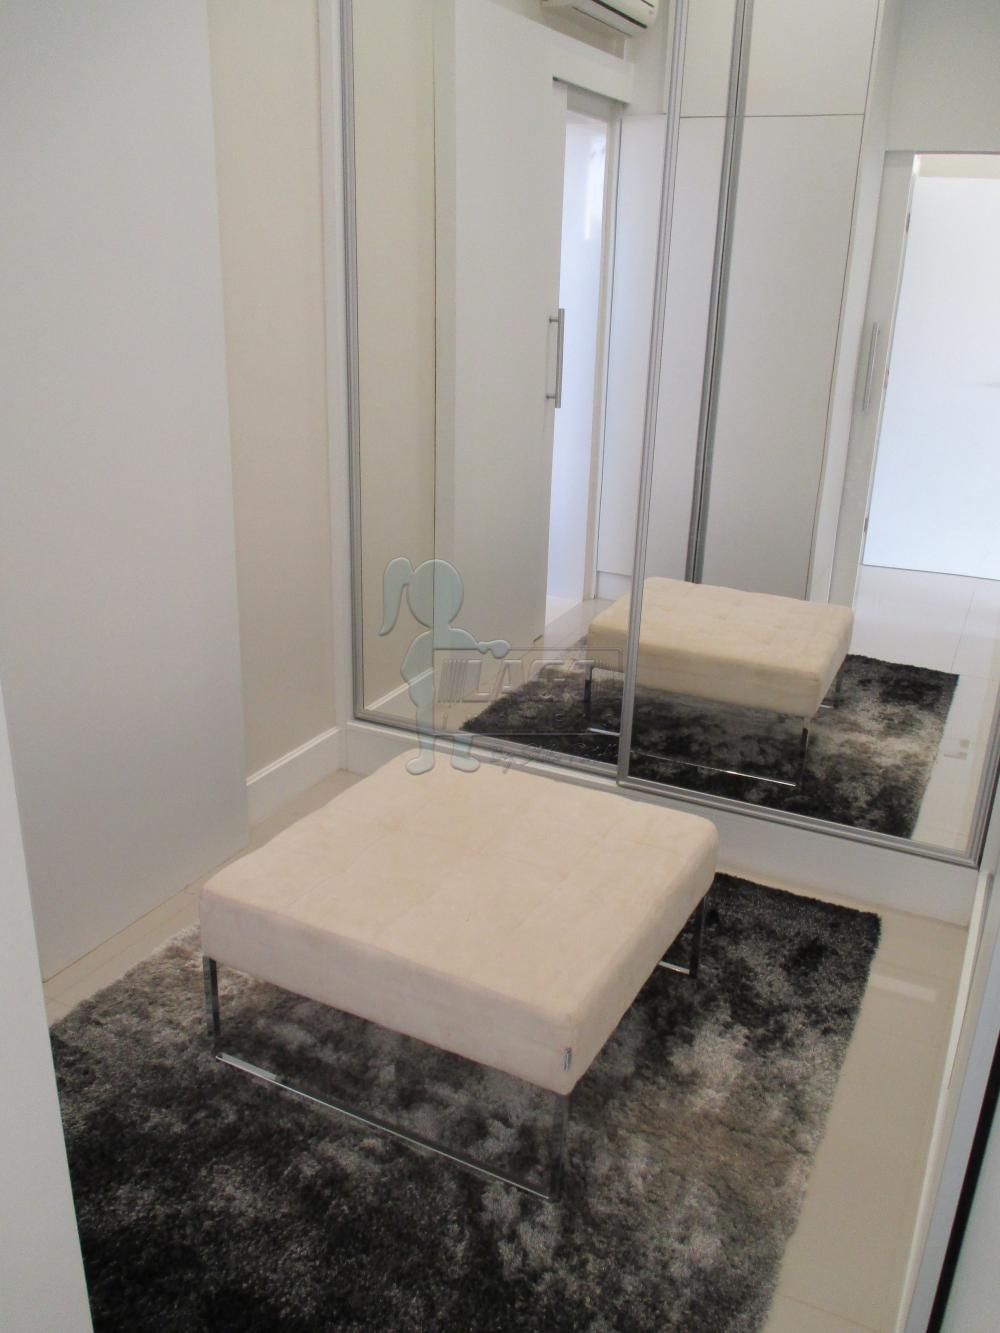 Alugar Casas / Condomínio em Bonfim Paulista apenas R$ 11.400,00 - Foto 12